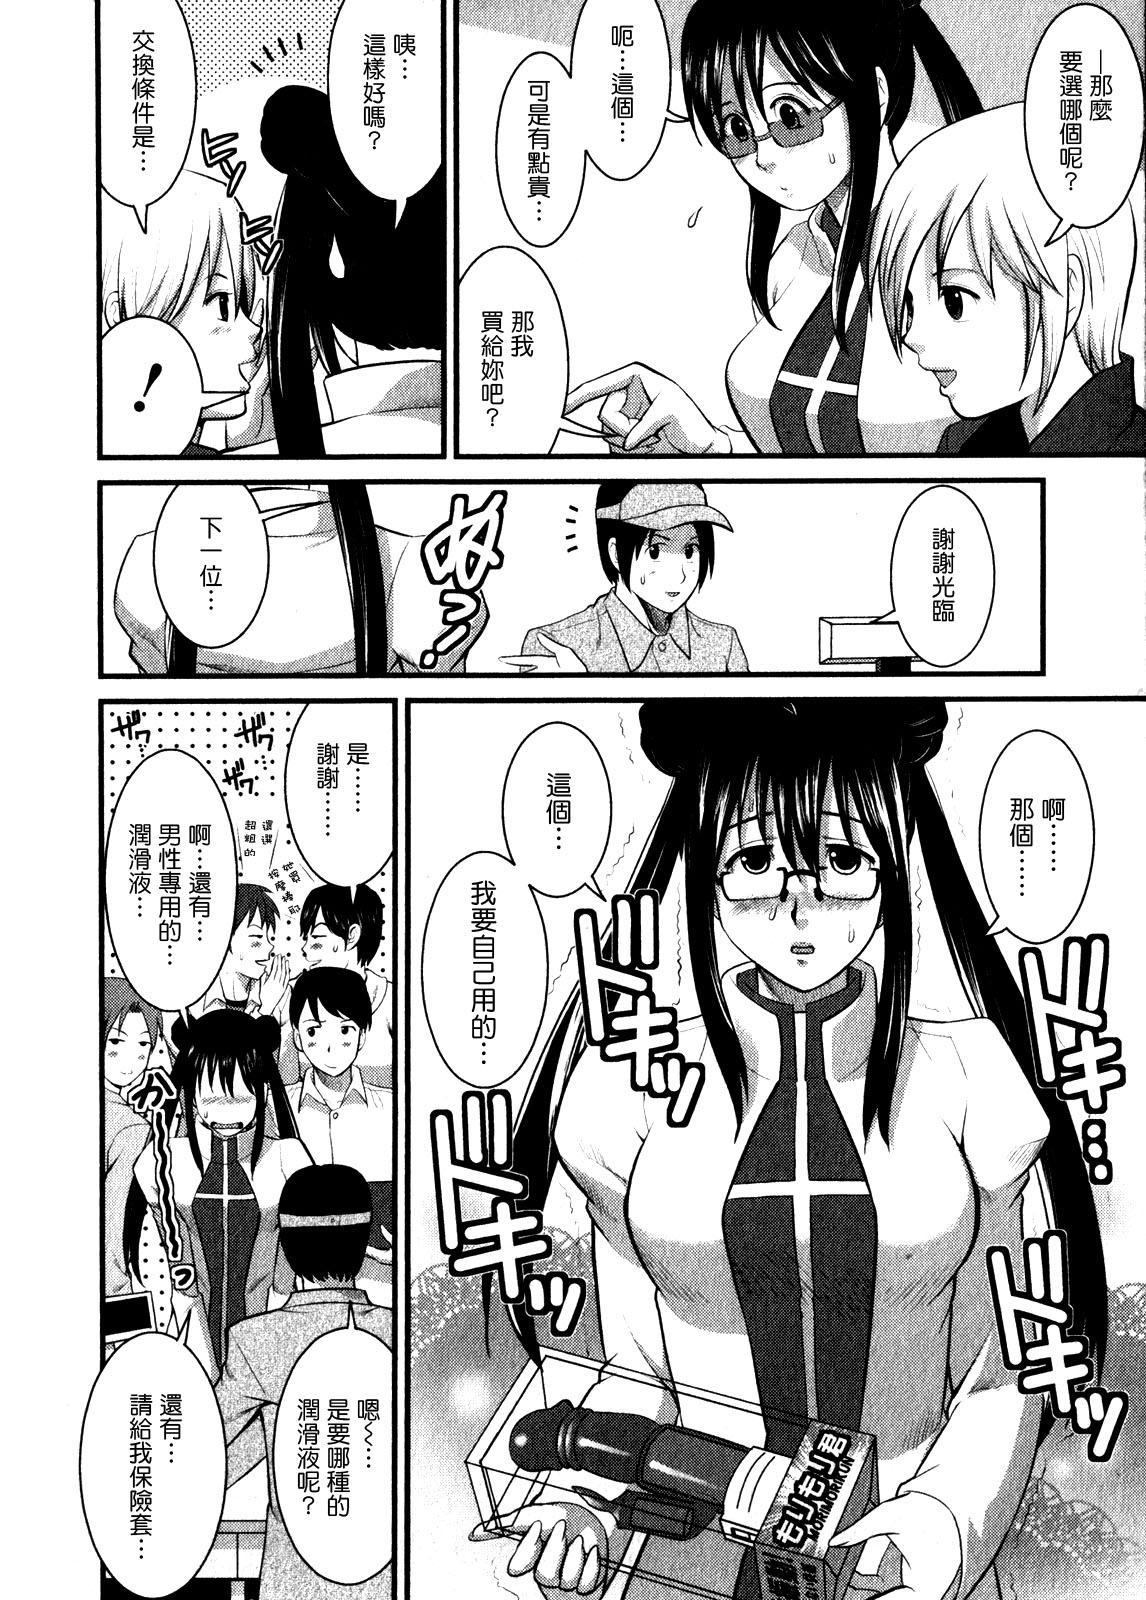 Otaku no Megami-san 1 73